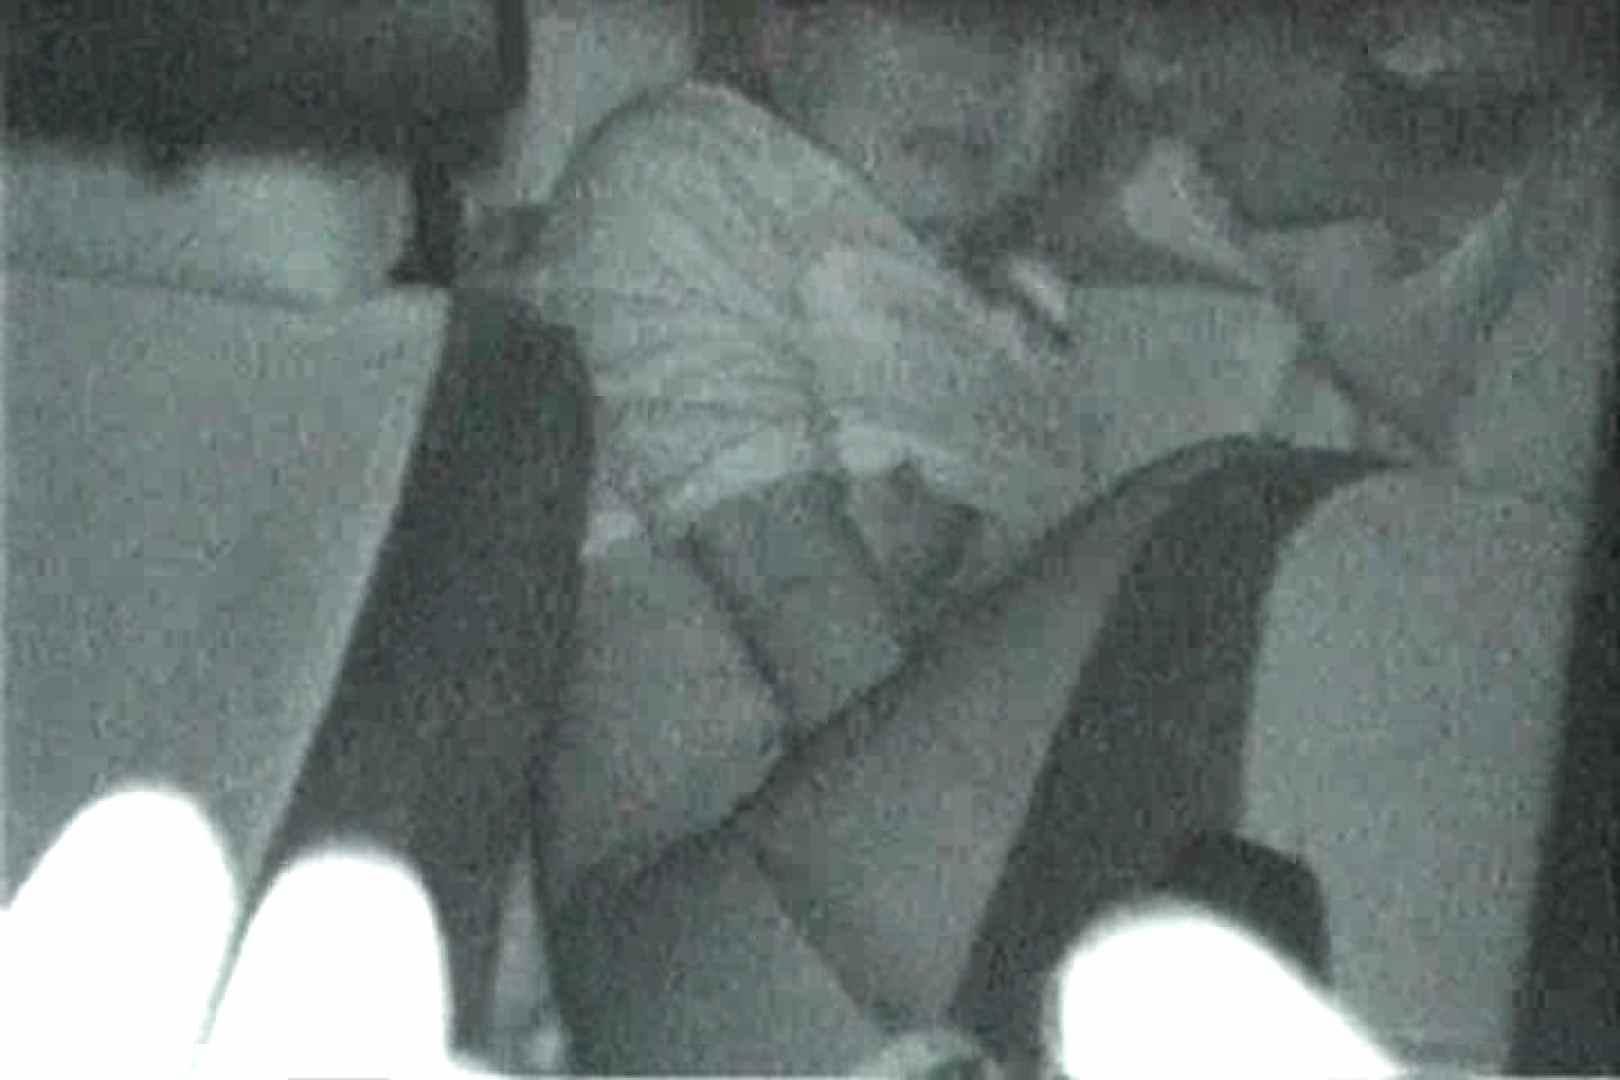 充血監督の深夜の運動会Vol.27 フェラチオシーン セックス無修正動画無料 78pic 14